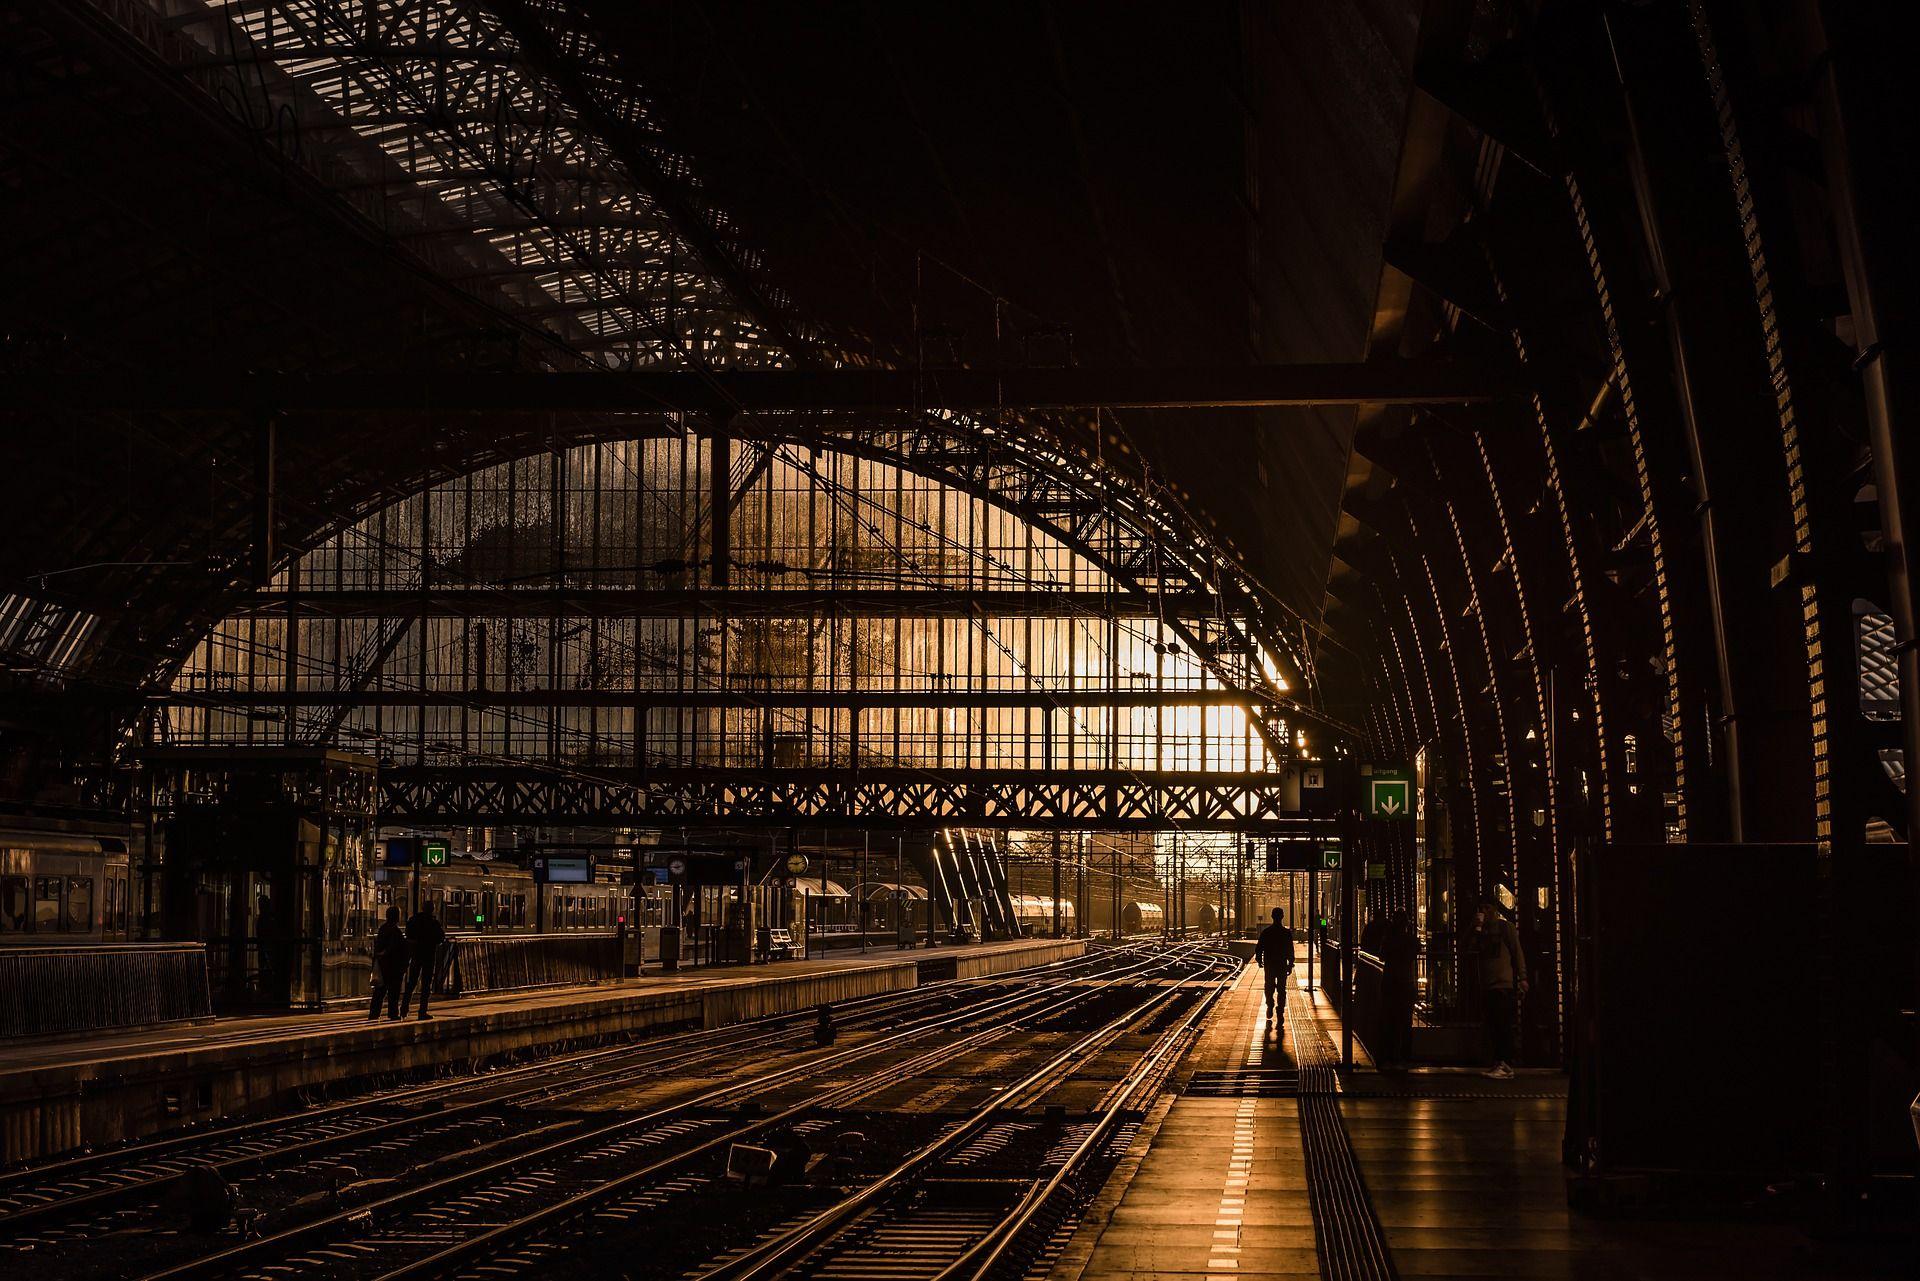 Stacja kolejowa